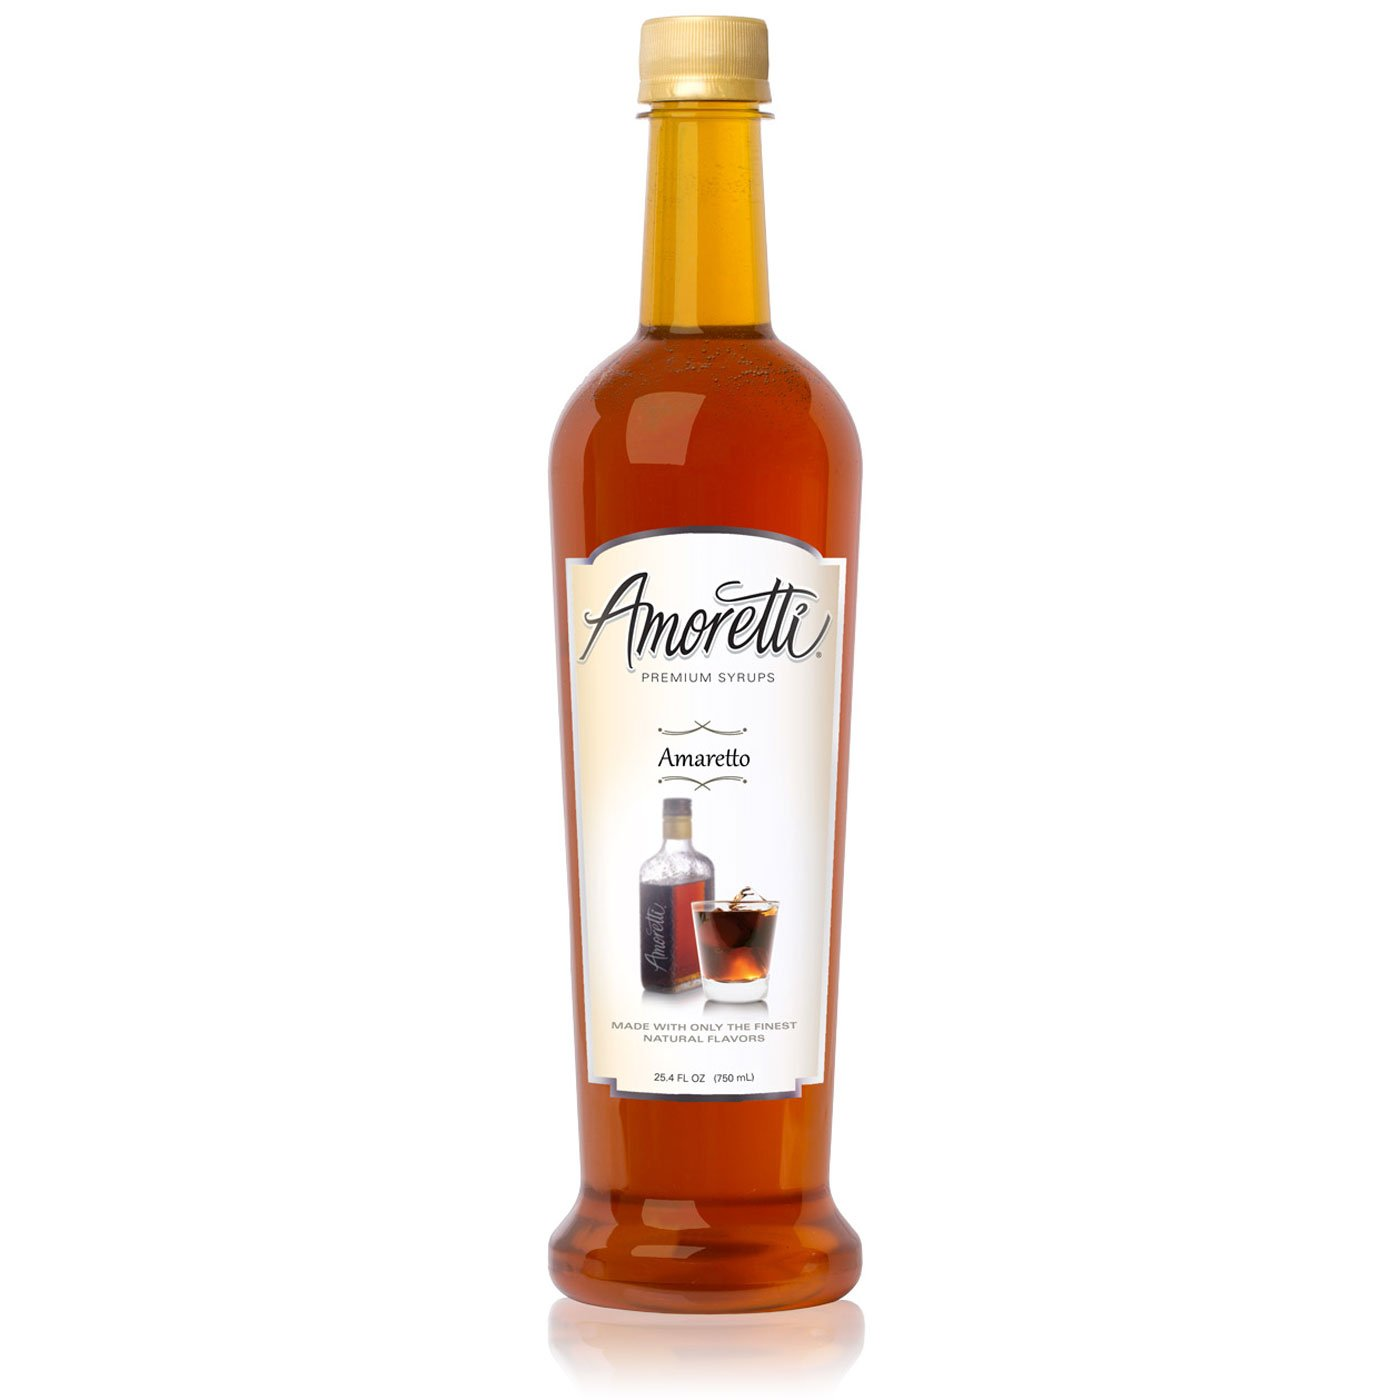 Amoretti Premium Syrup, Amaretto, 25.4 Ounce